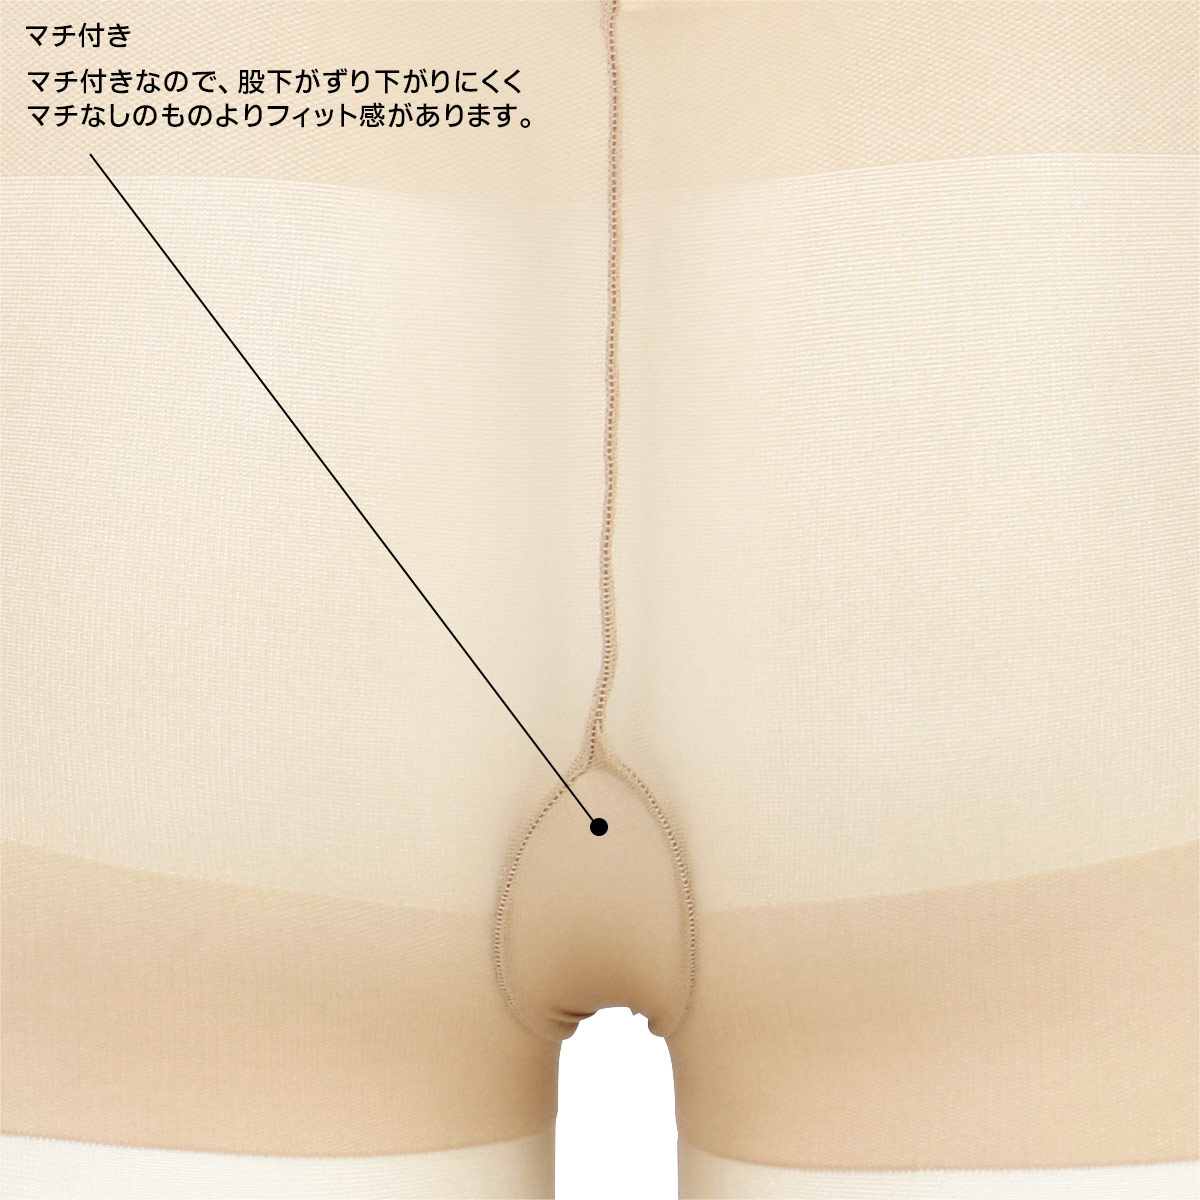 NAIGAI COMFORT ナイガイ コンフォート レディース ウエストゆったり ストッキング 1003003【ゆうパケット・4点まで】